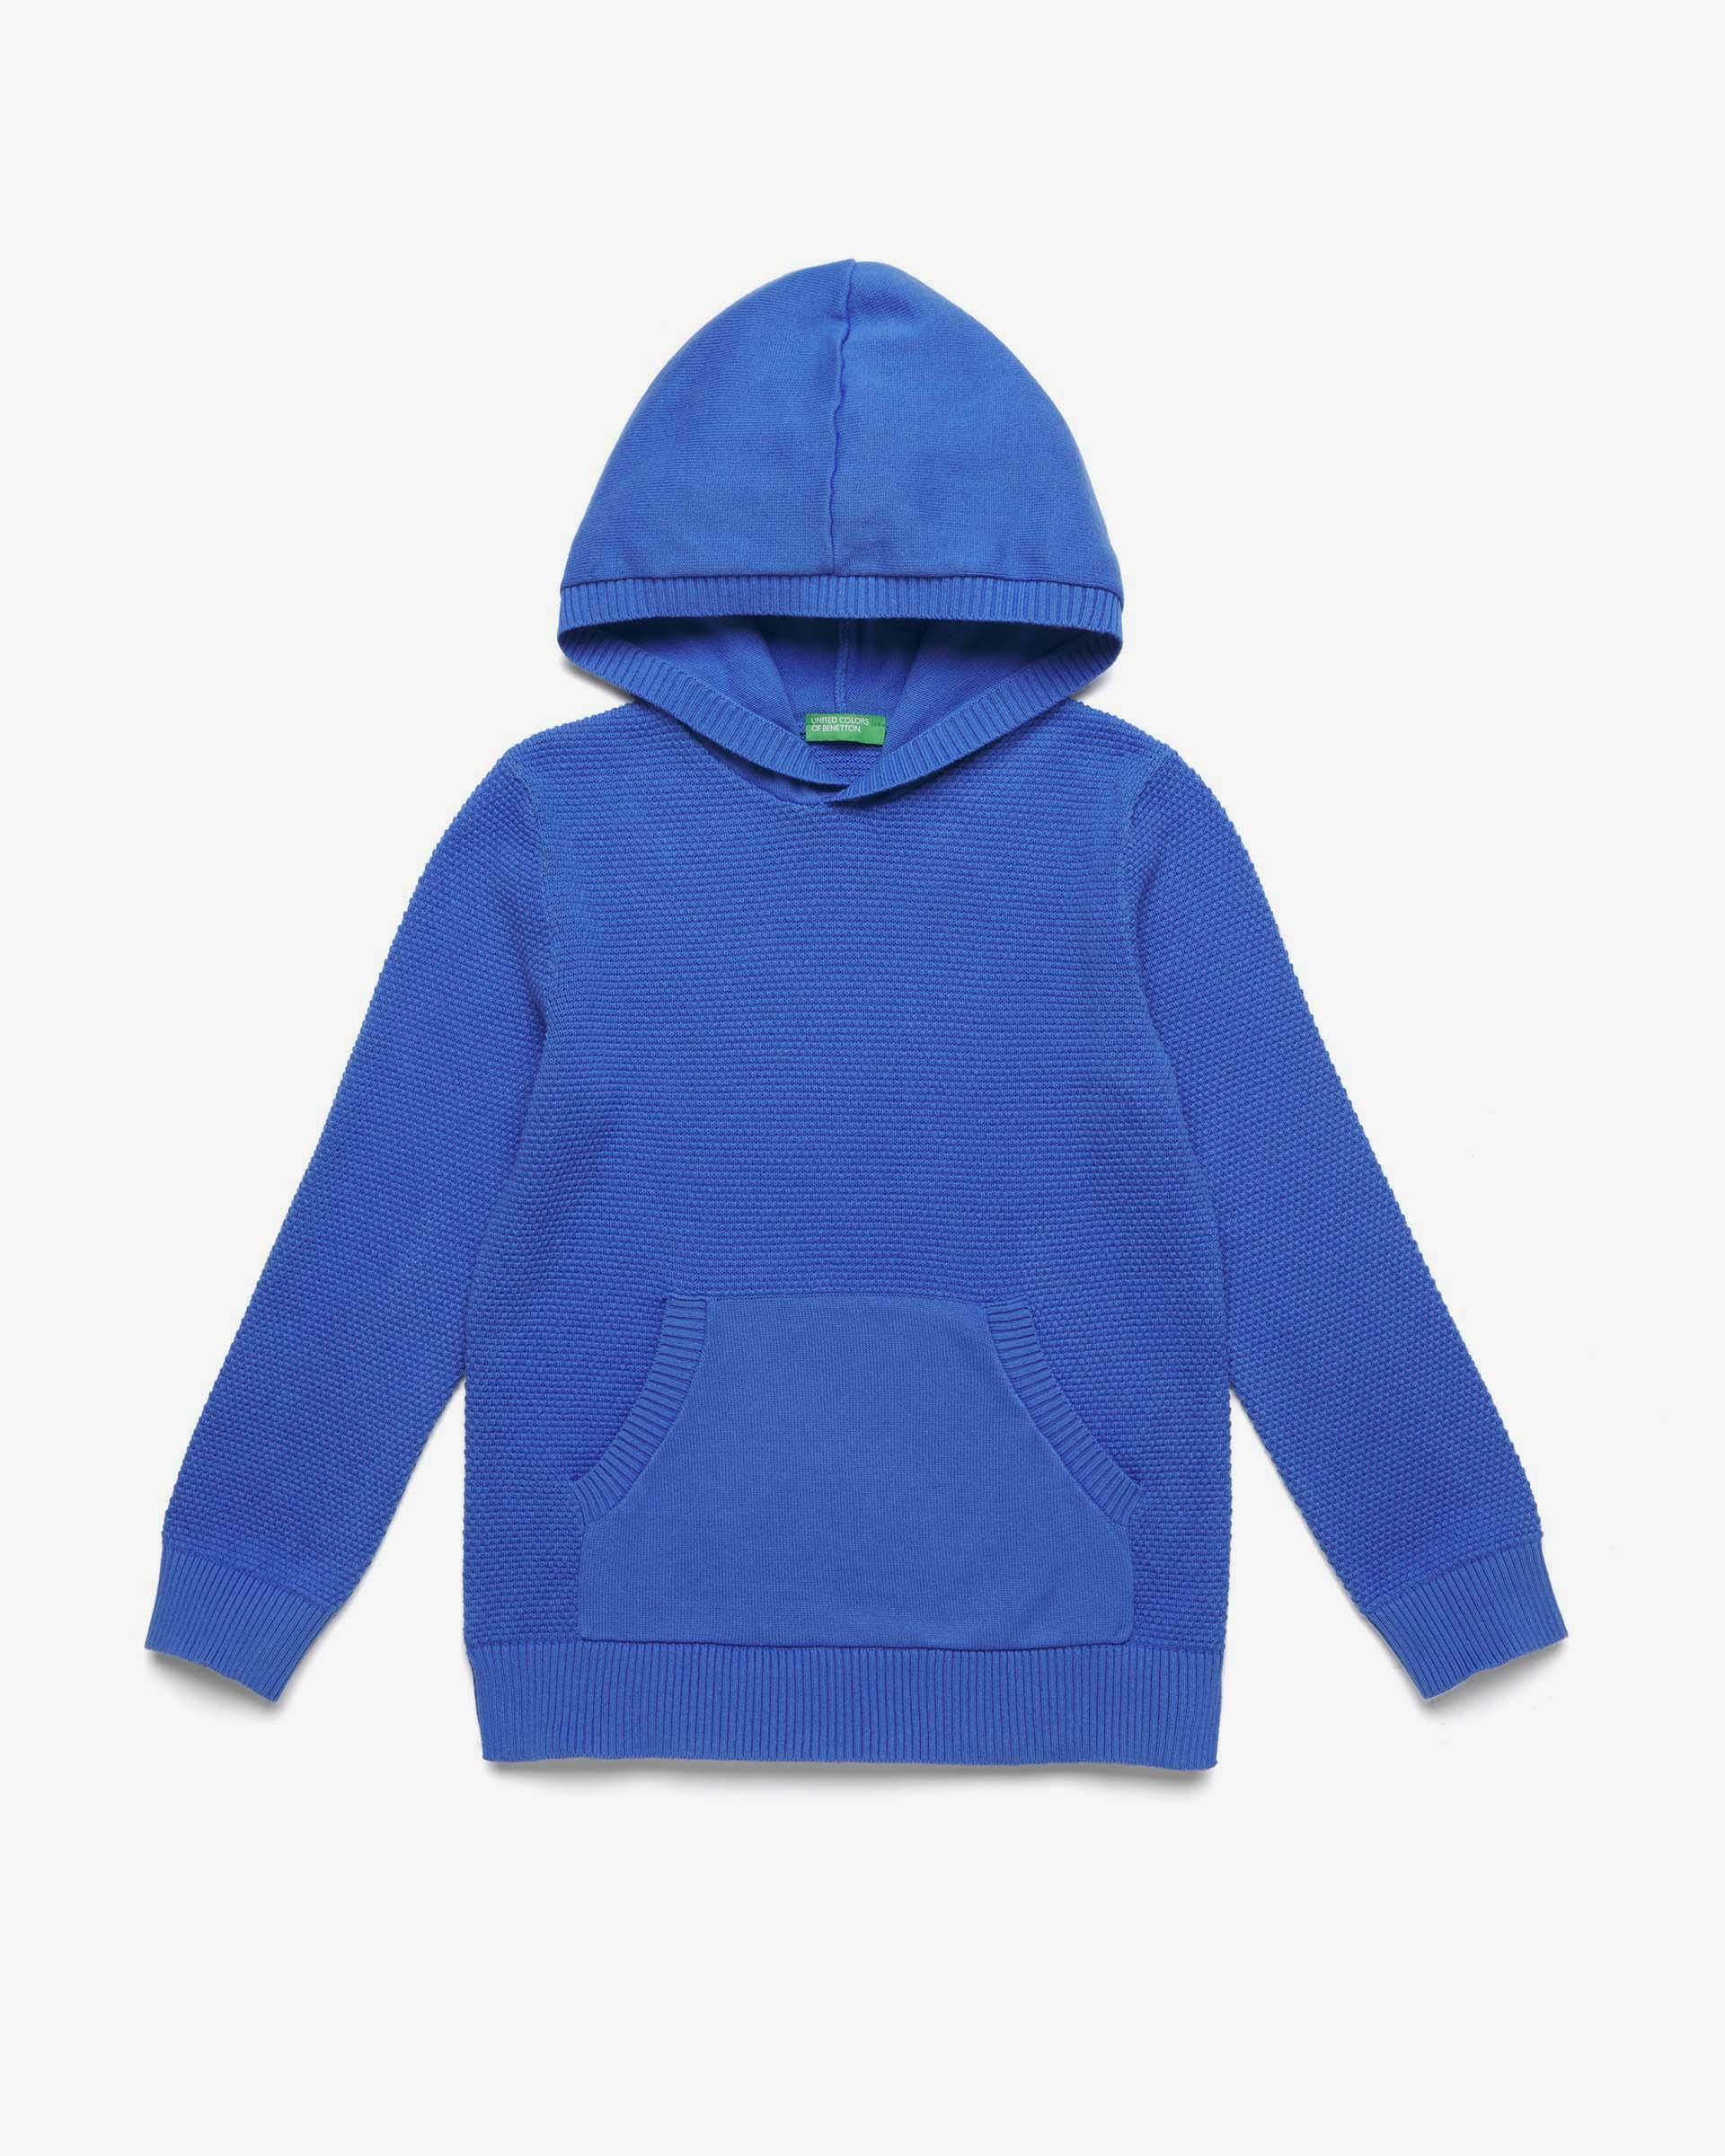 Купить 20P_10C1C2033_08A, Джемпер для мальчиков Benetton 10C1C2033_08A р-р 152, United Colors of Benetton, Джемперы для мальчиков